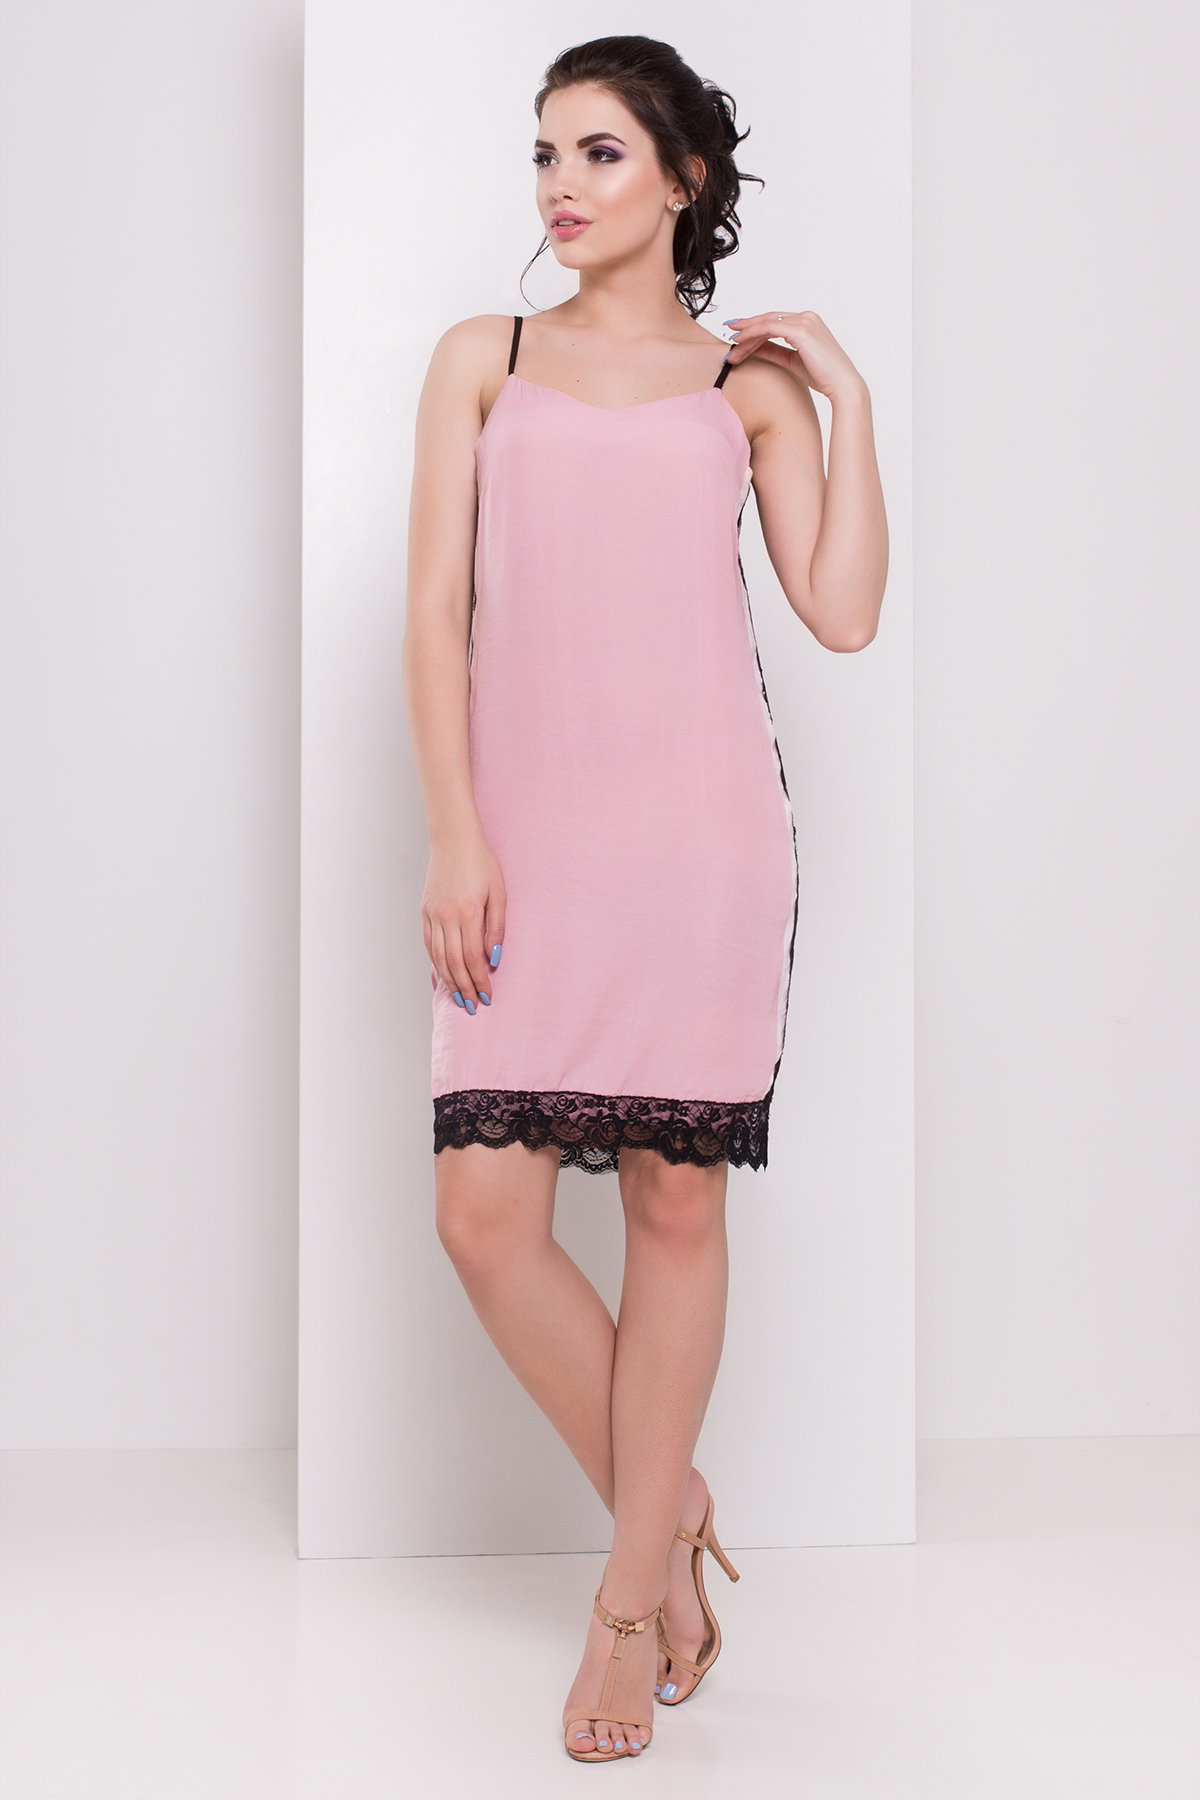 Купить женские платья оптом недорого Платье Фелиса 3145